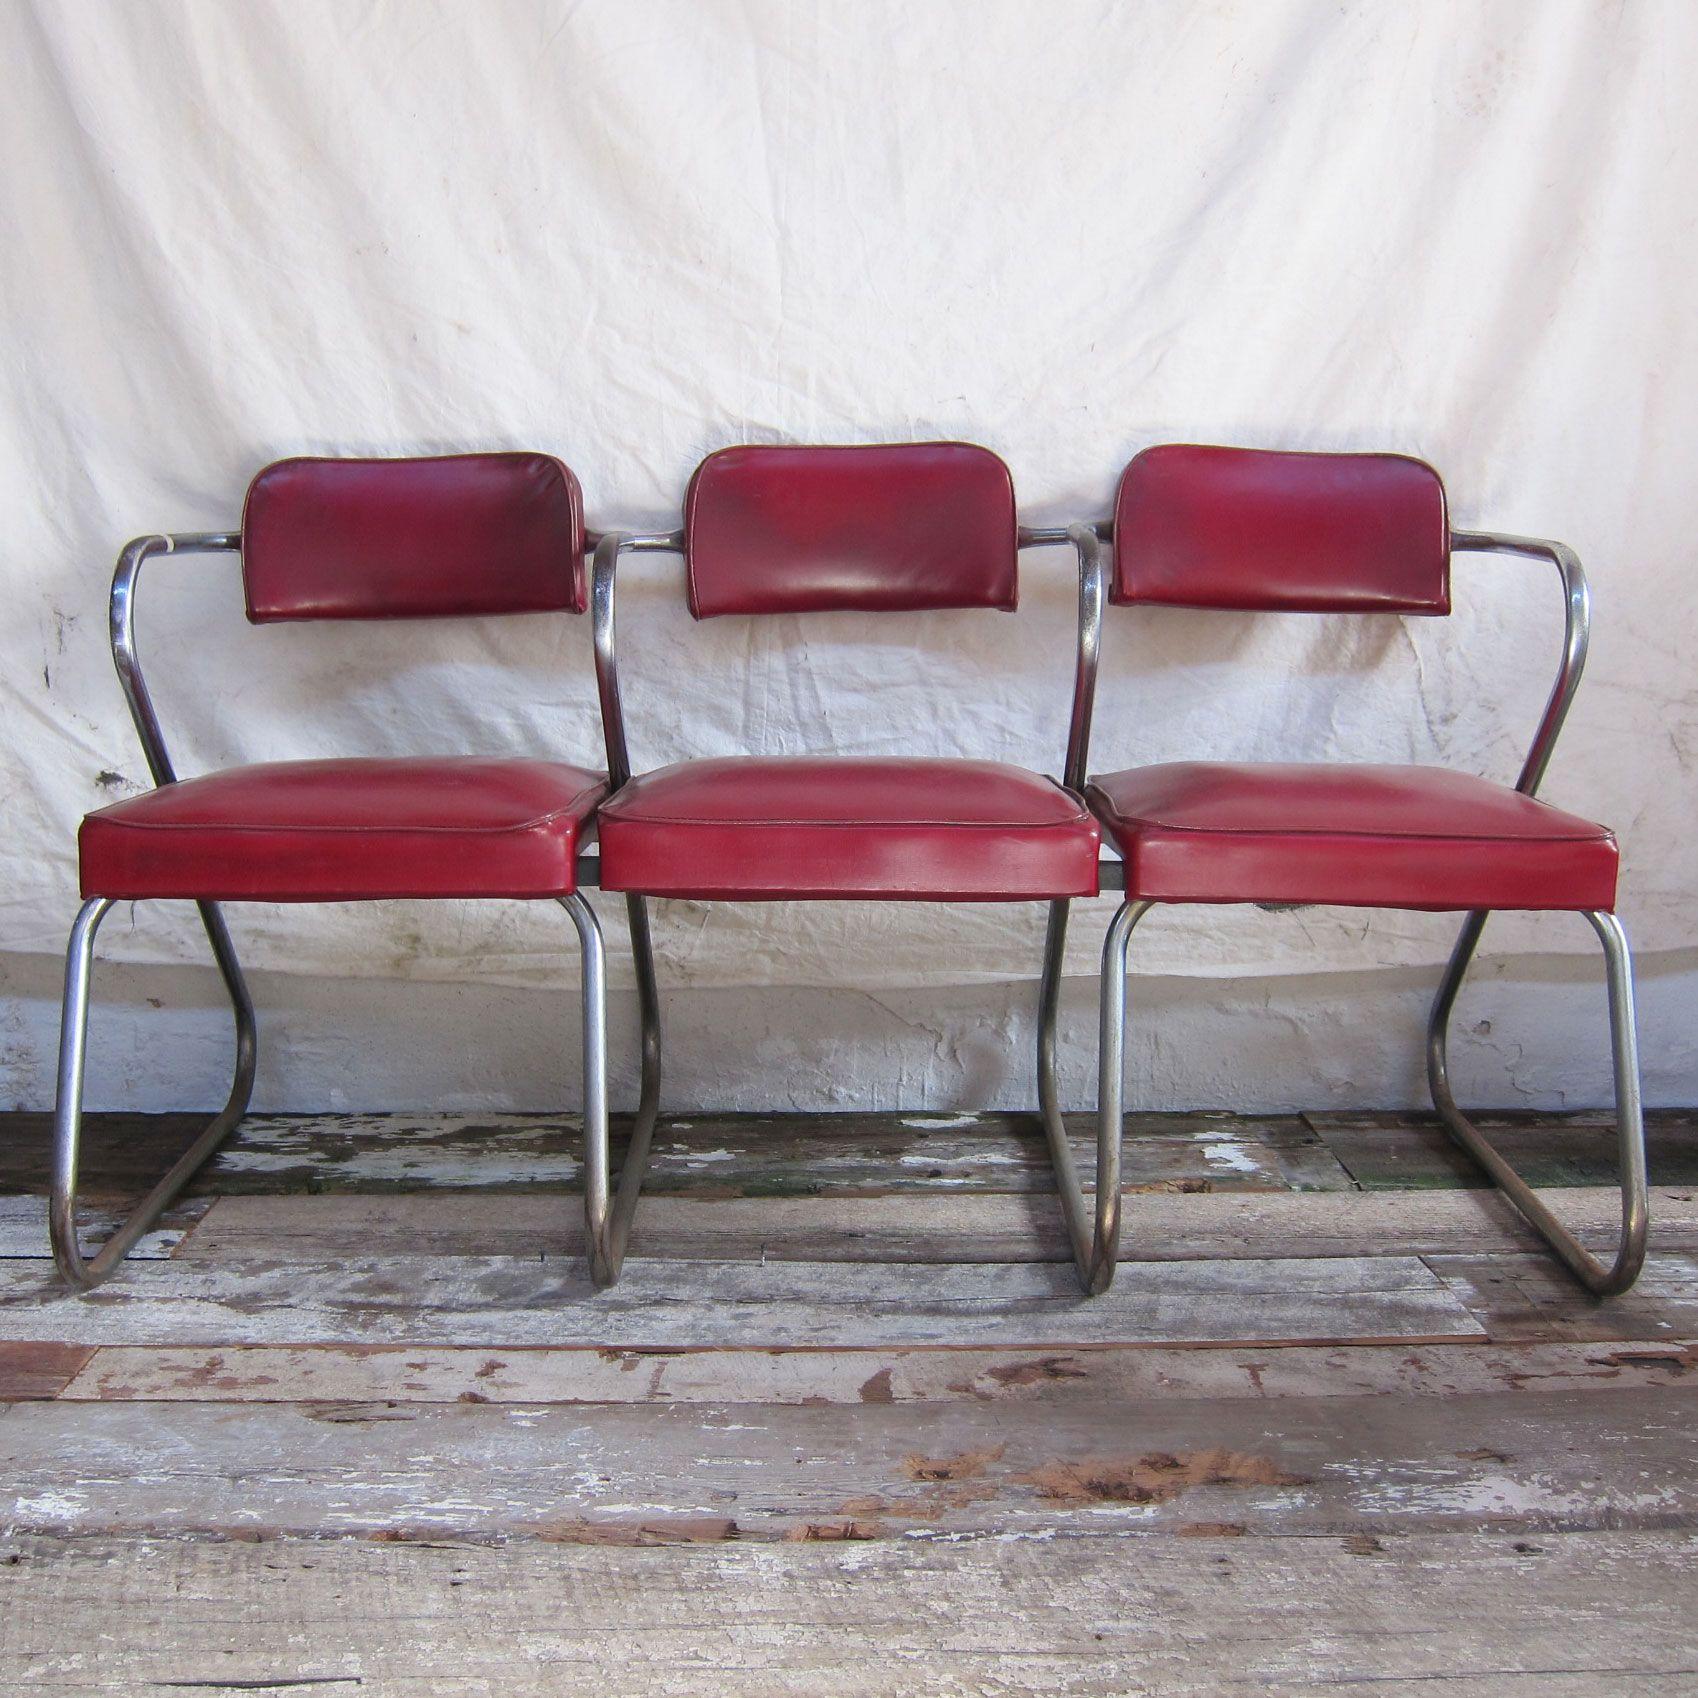 Keramiek Parket Slijt Niet Vet Zuurbestendig En Er Kan Vloerverwarming Onder Barbershop Waiting Chairs Or Porch Furniture Vintage Chairs Seating